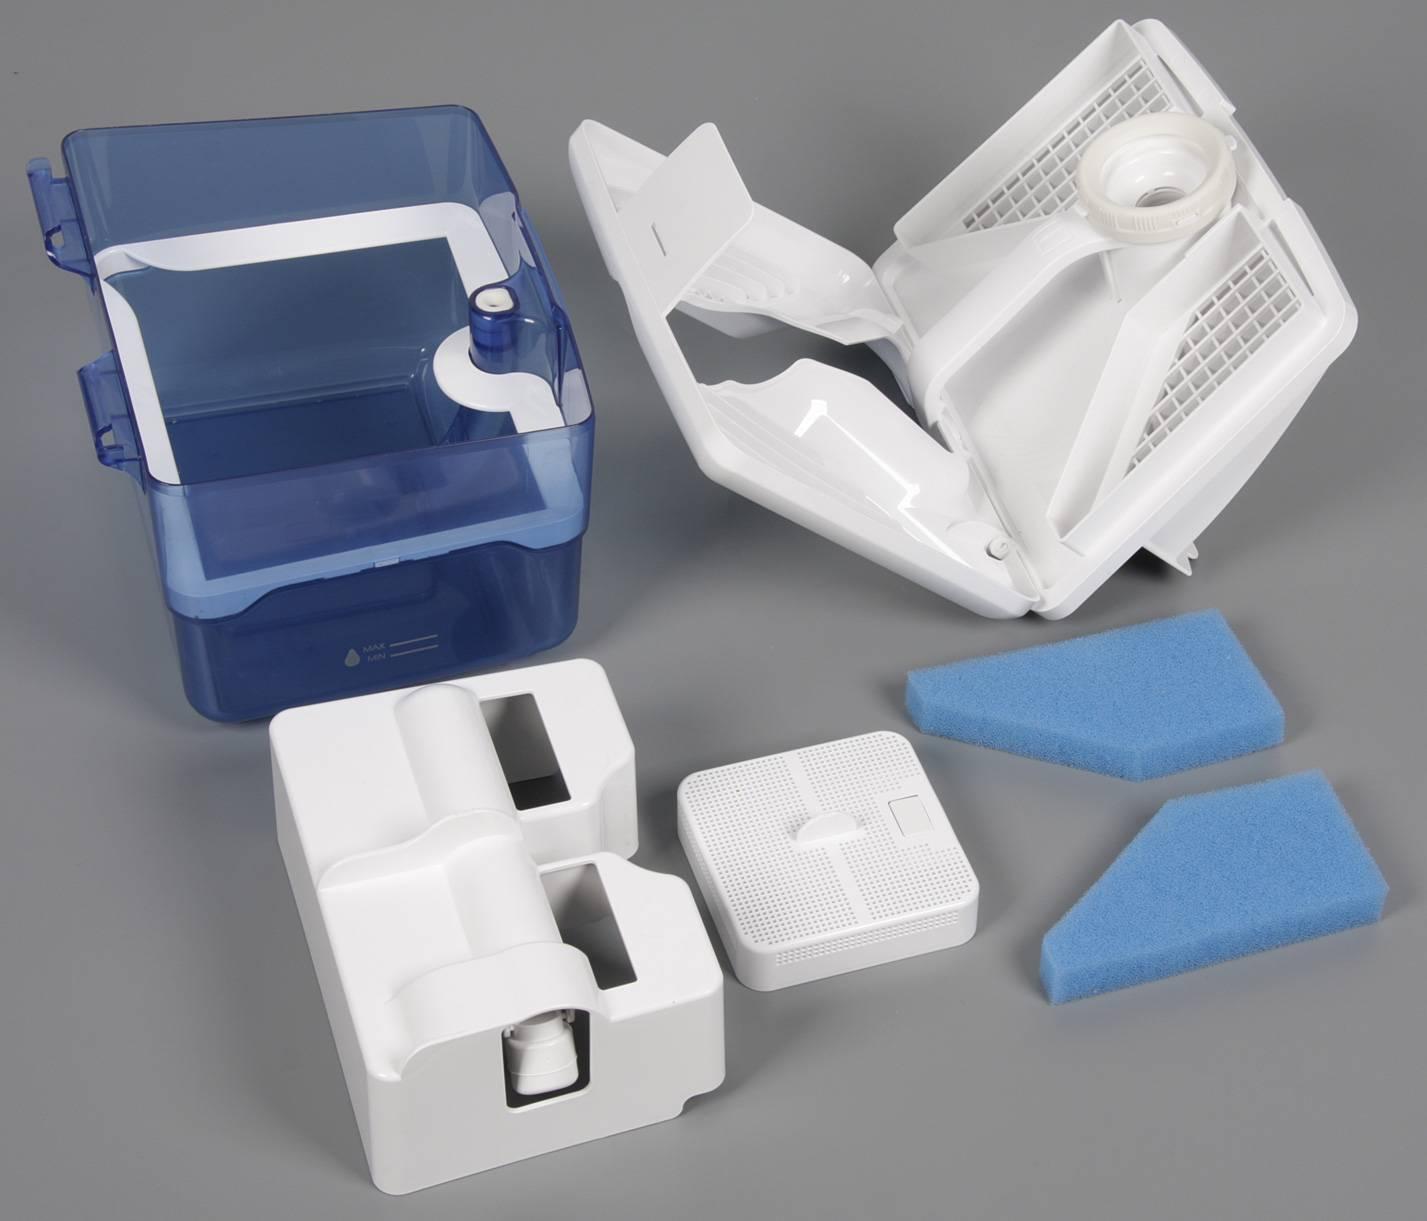 Пылесосы для сухой уборки с aqua-box thomas (томас)